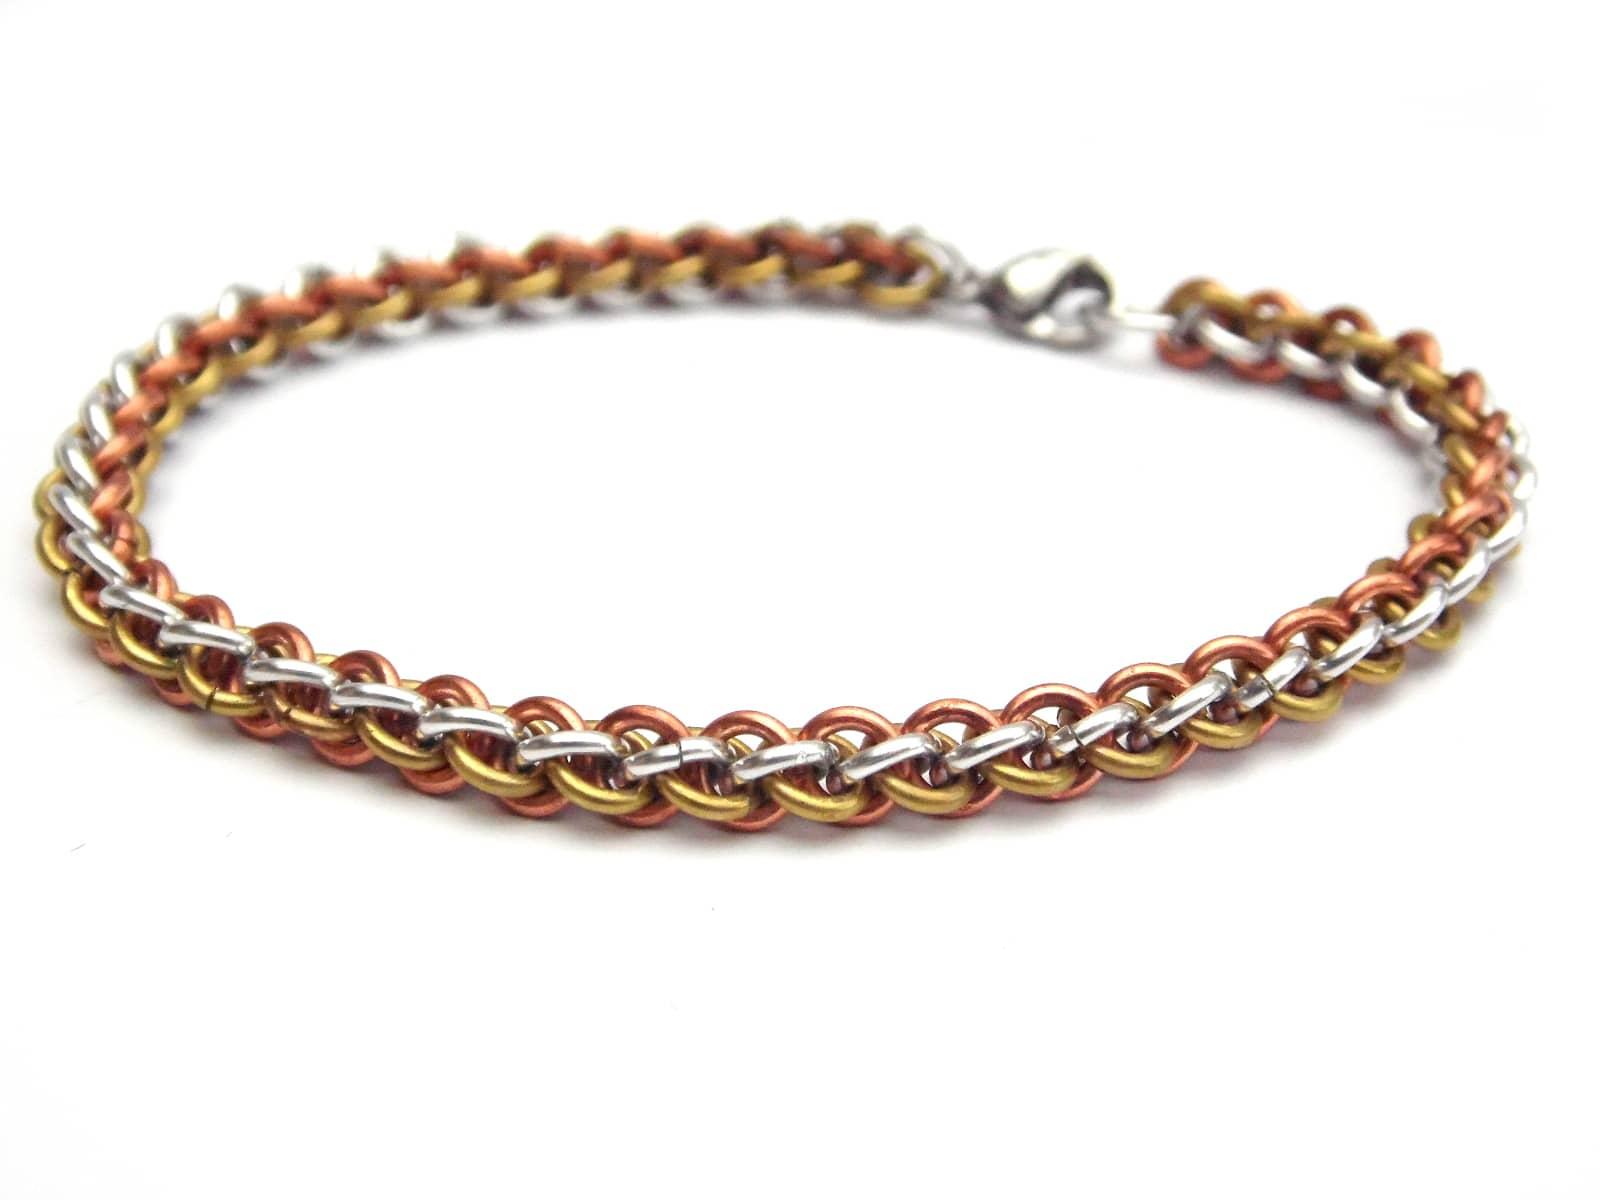 Bransoletka chainmaille z trzech metali: miedzi, mosiądzu i aluminium